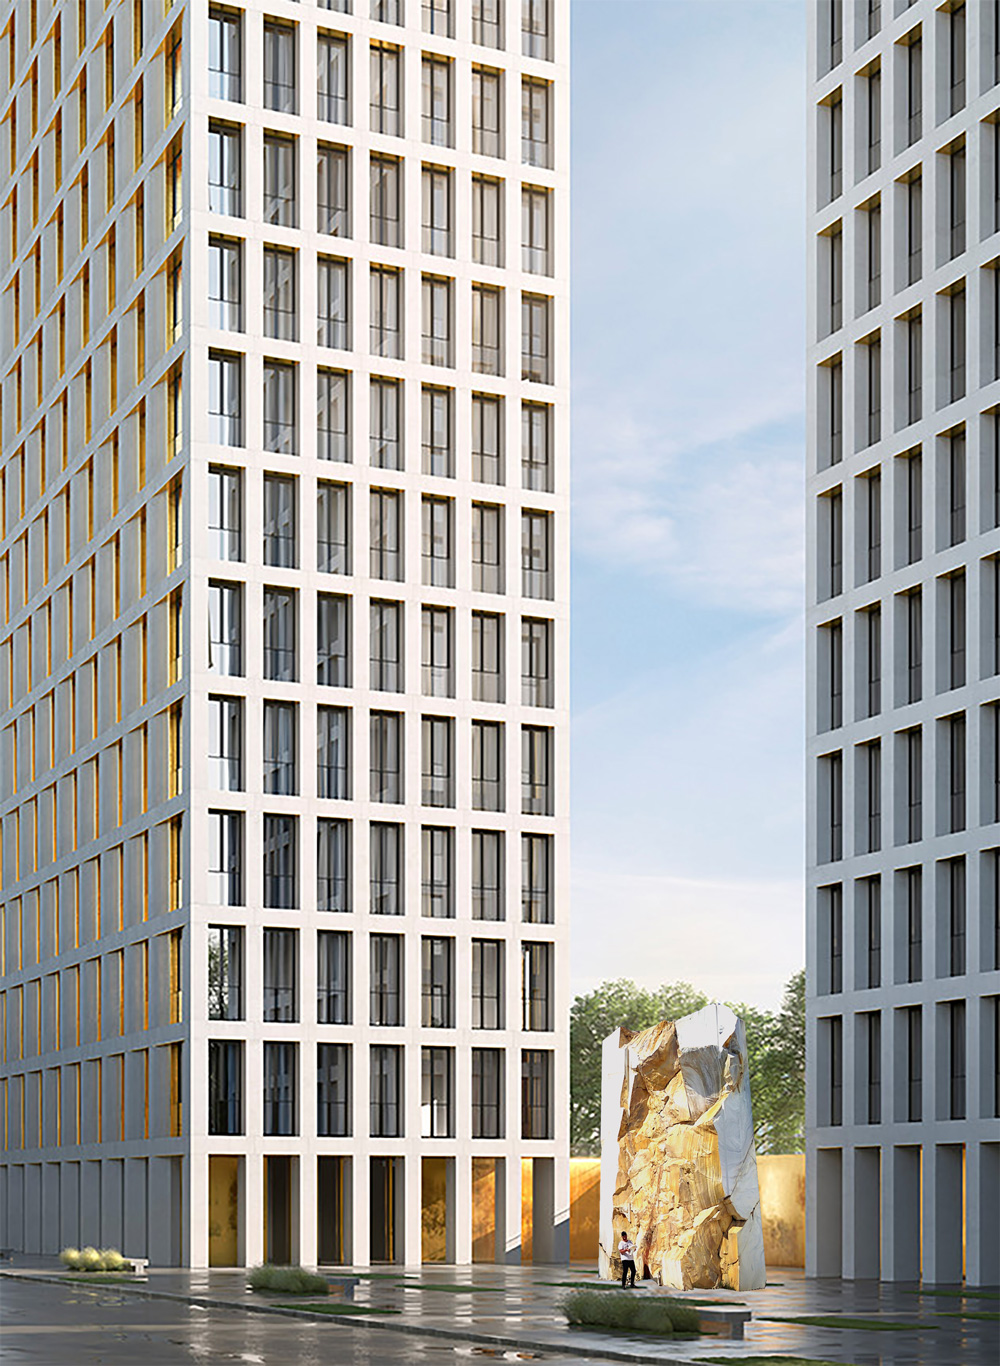 Технология возведения многоэтажного жилья в частном домостроении - или особенности строительства монолитных домов